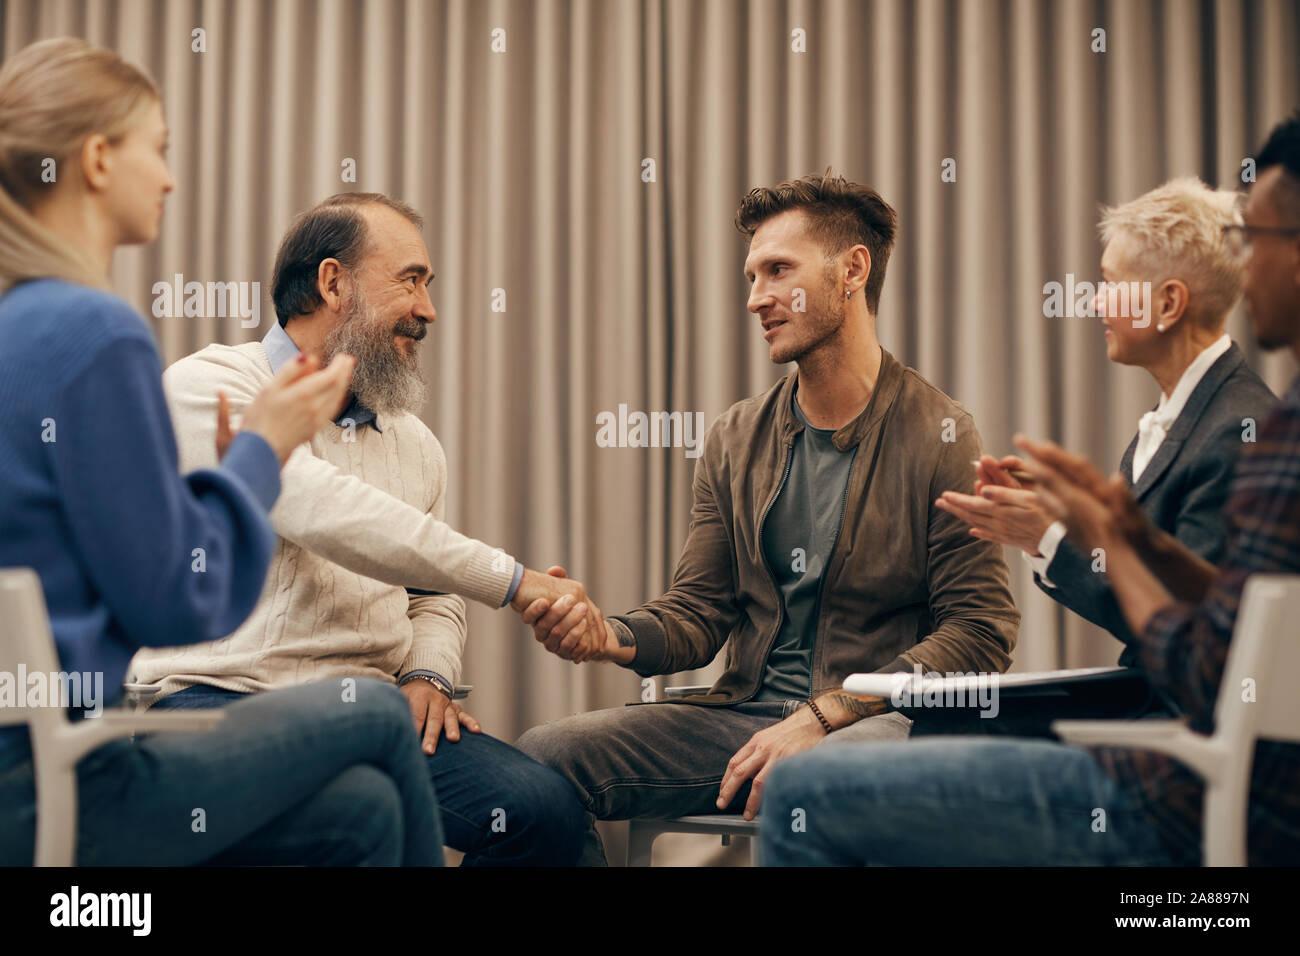 Deux hommes assis et serrer la main à l'autre tandis que d'autres personnes frappant des mains ils chaque message d'autres Banque D'Images